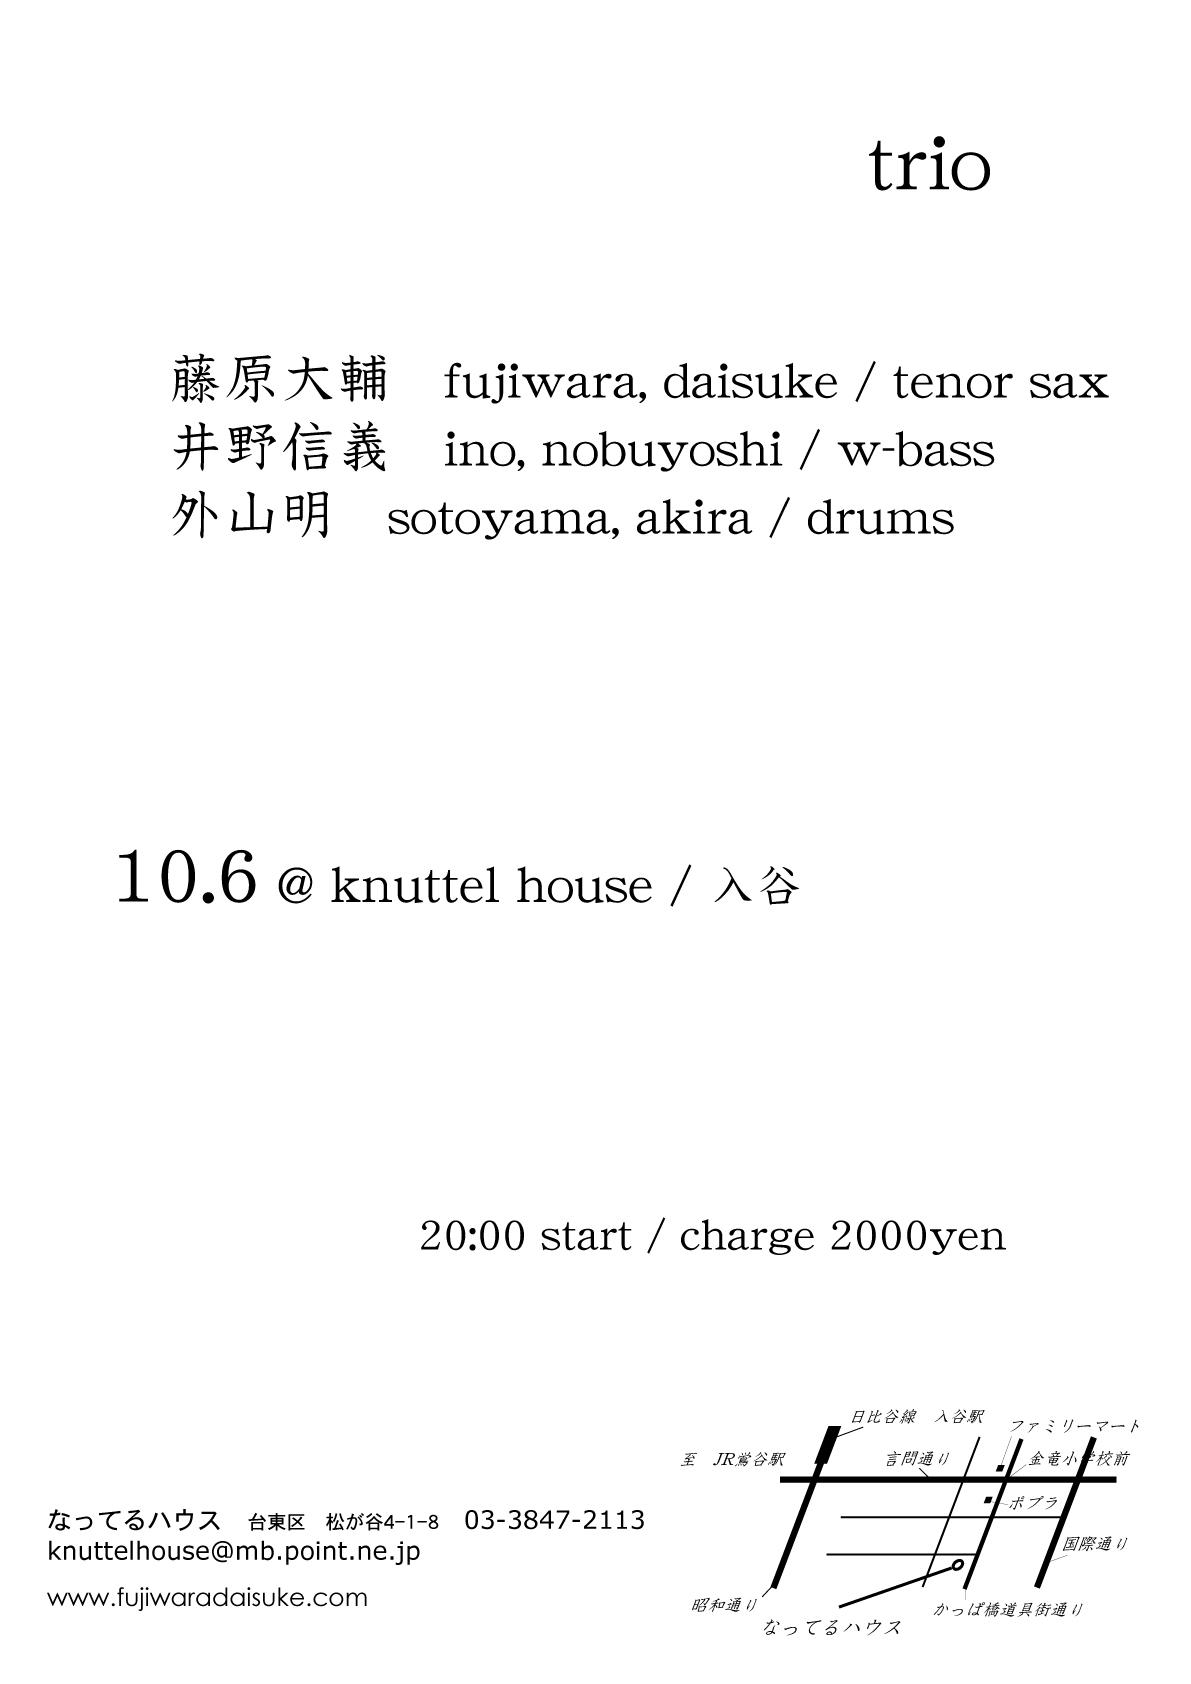 111006knuttel02.jpeg